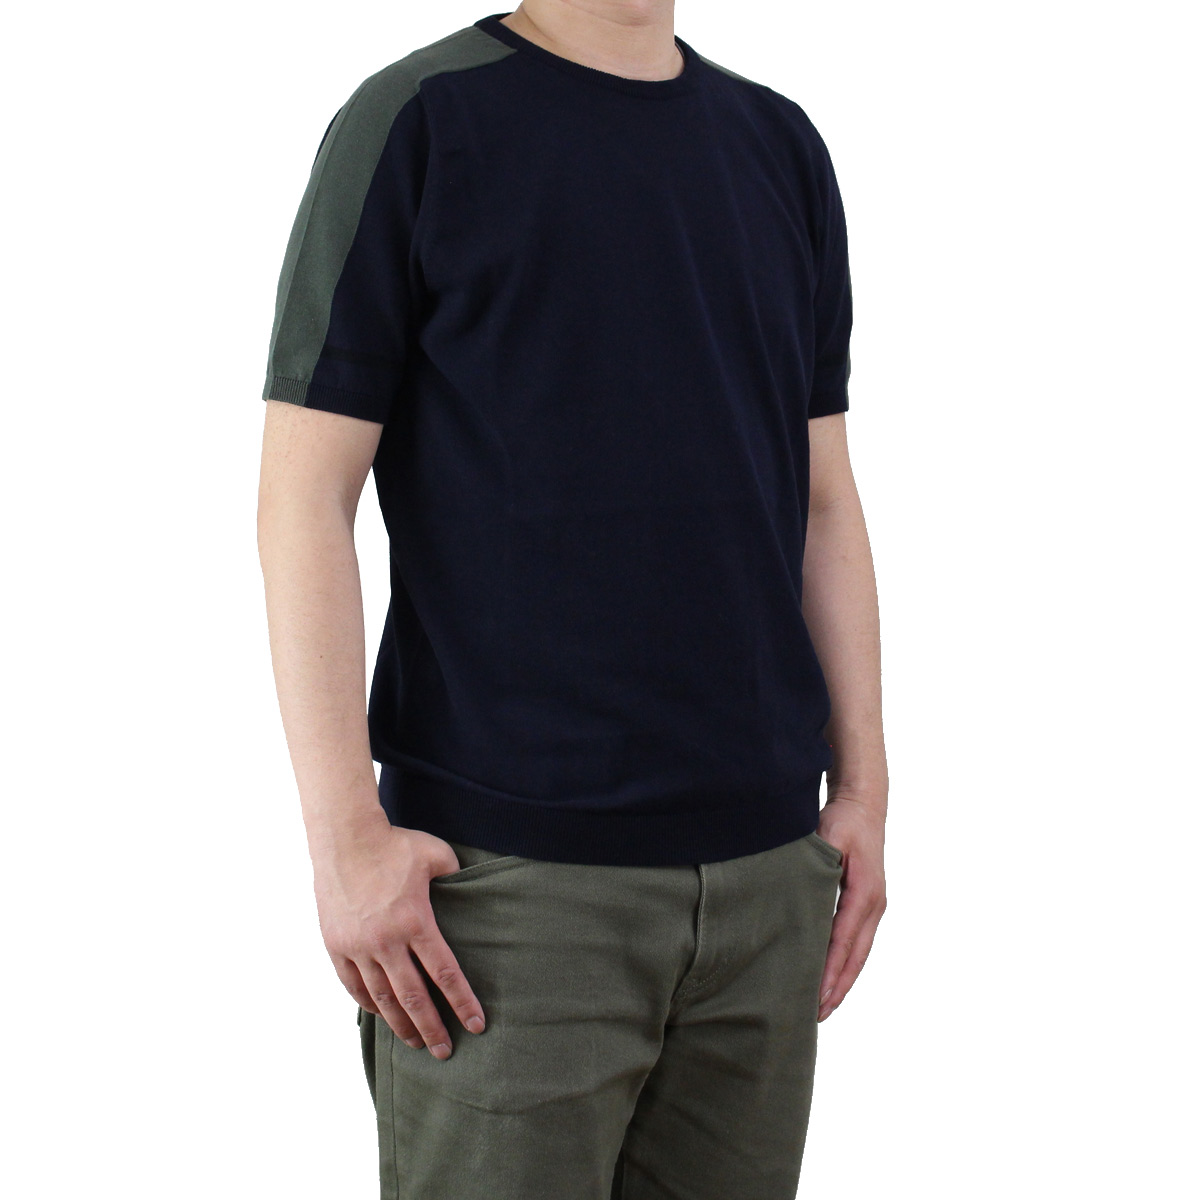 バーク Bark メンズ 半袖 サマー セーター 71B6002 254 NAVY メンズ【キャッシュレス 5% 還元】 KS-3